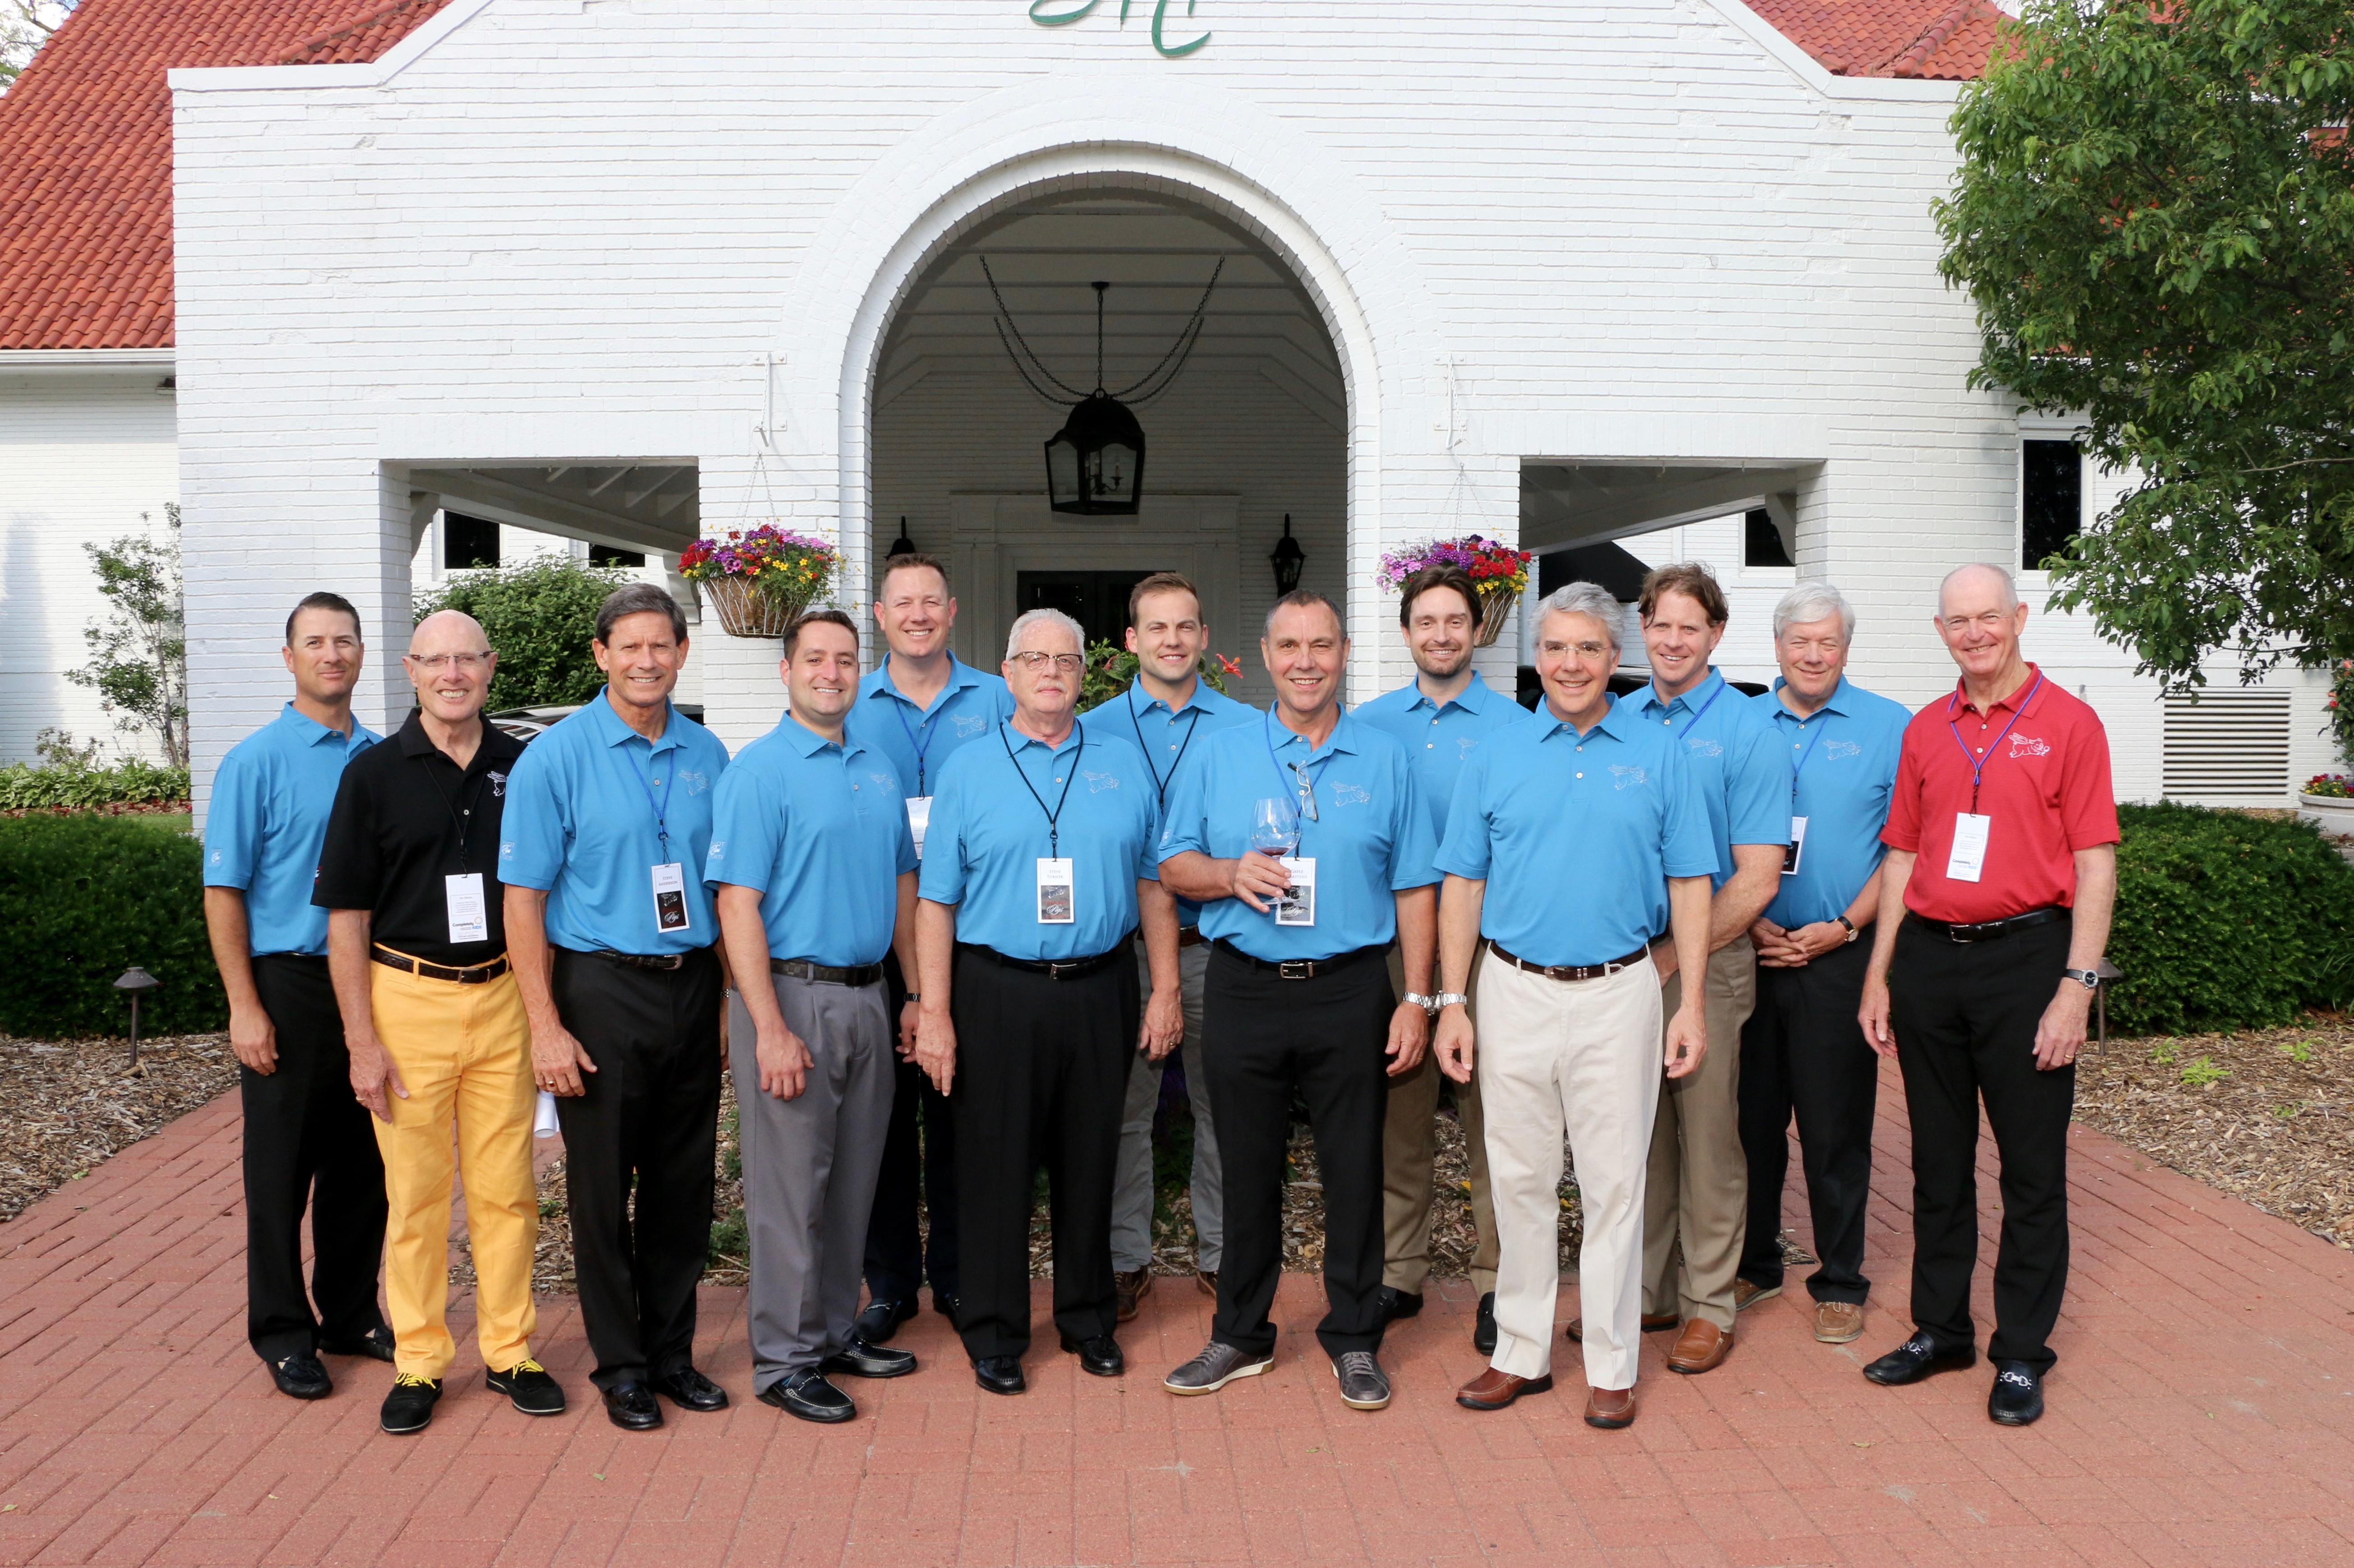 Male Committee Members